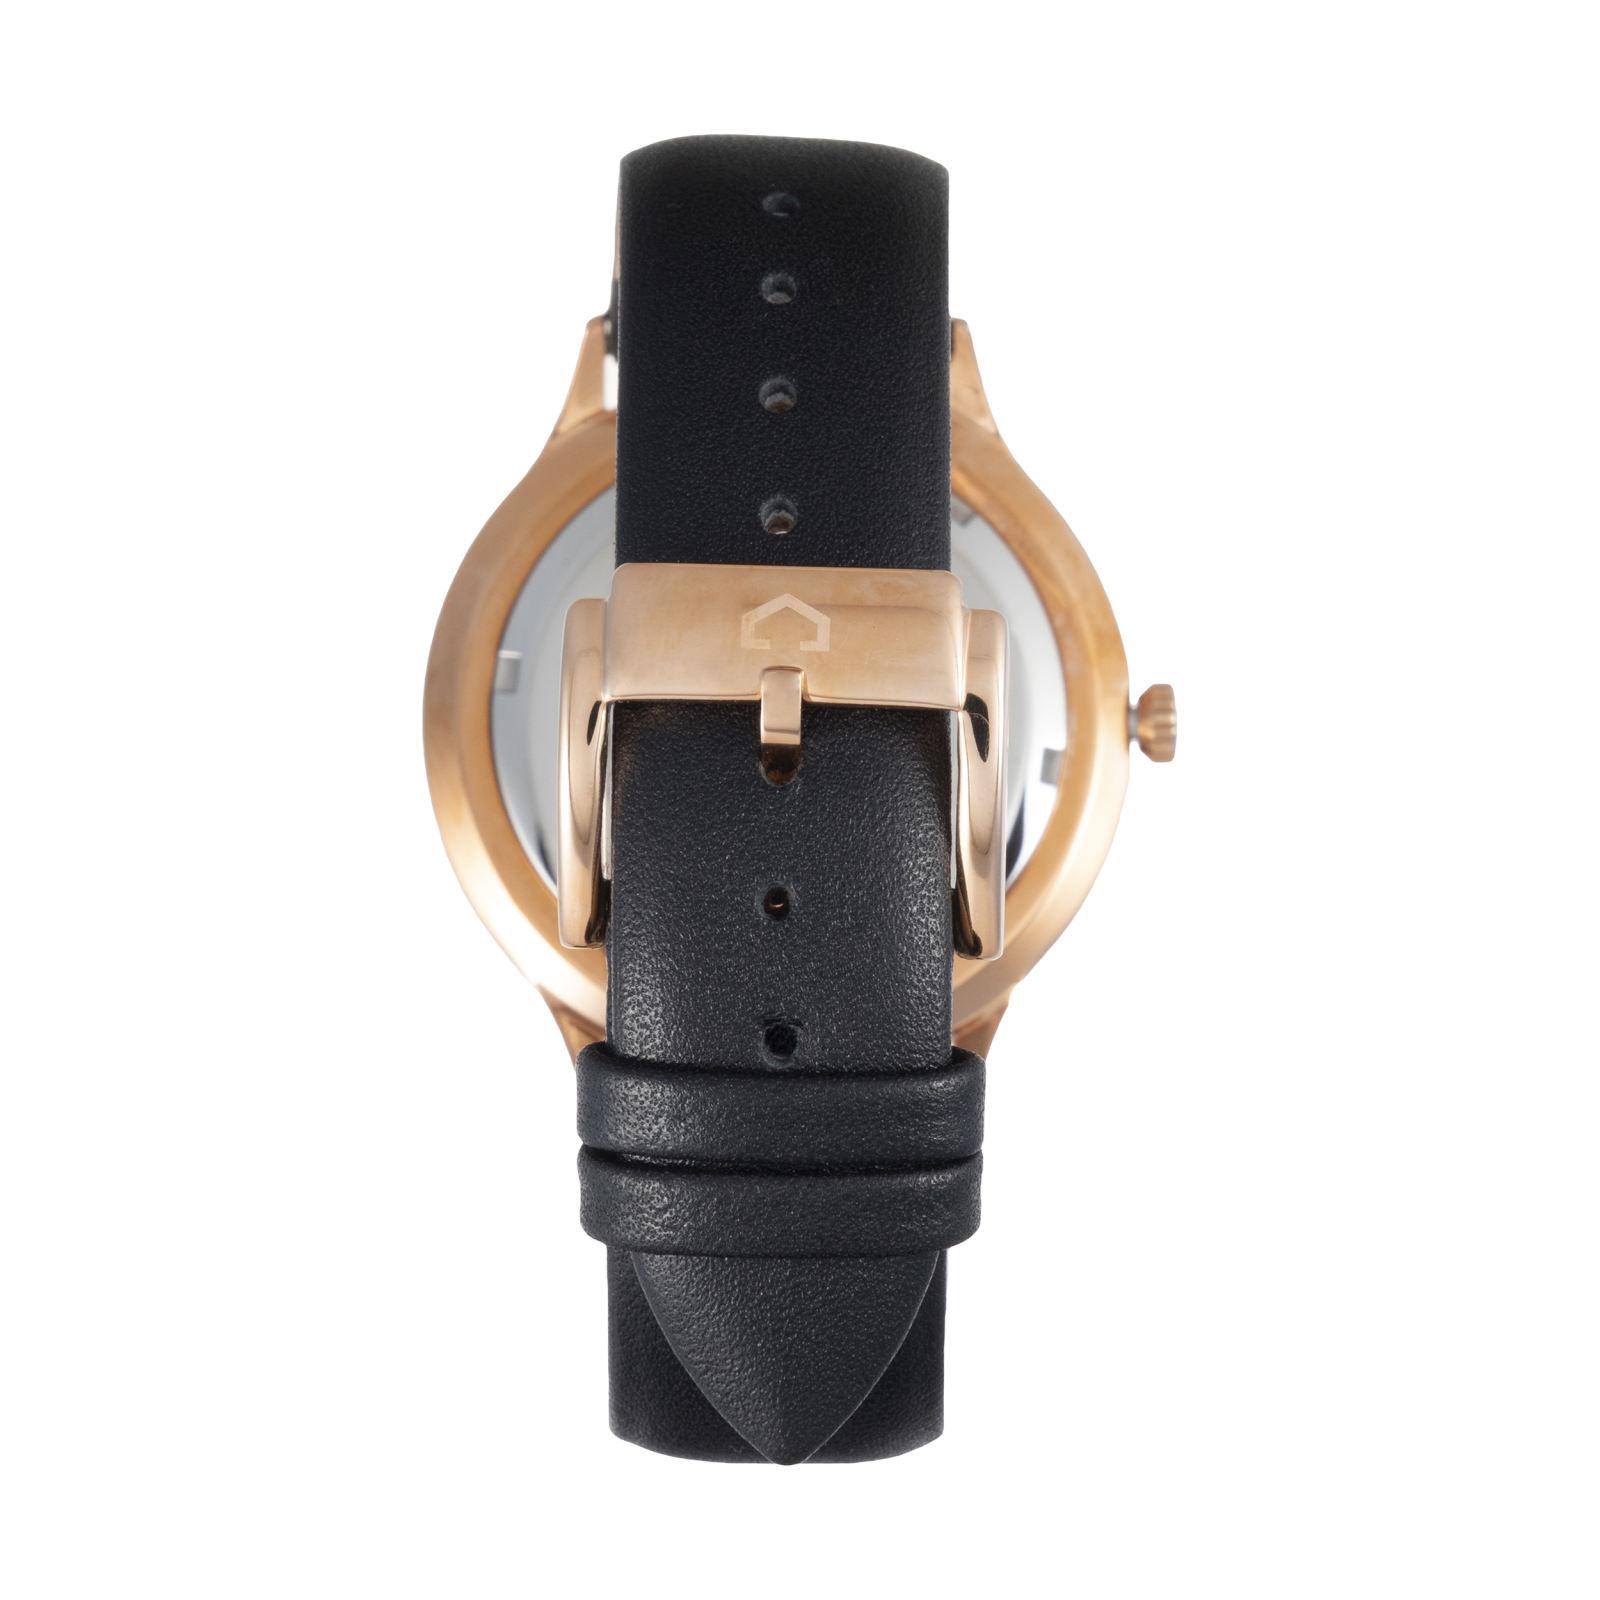 ساعت مچی عقربه ای مردانه آکوآ تایم مدل 5020703